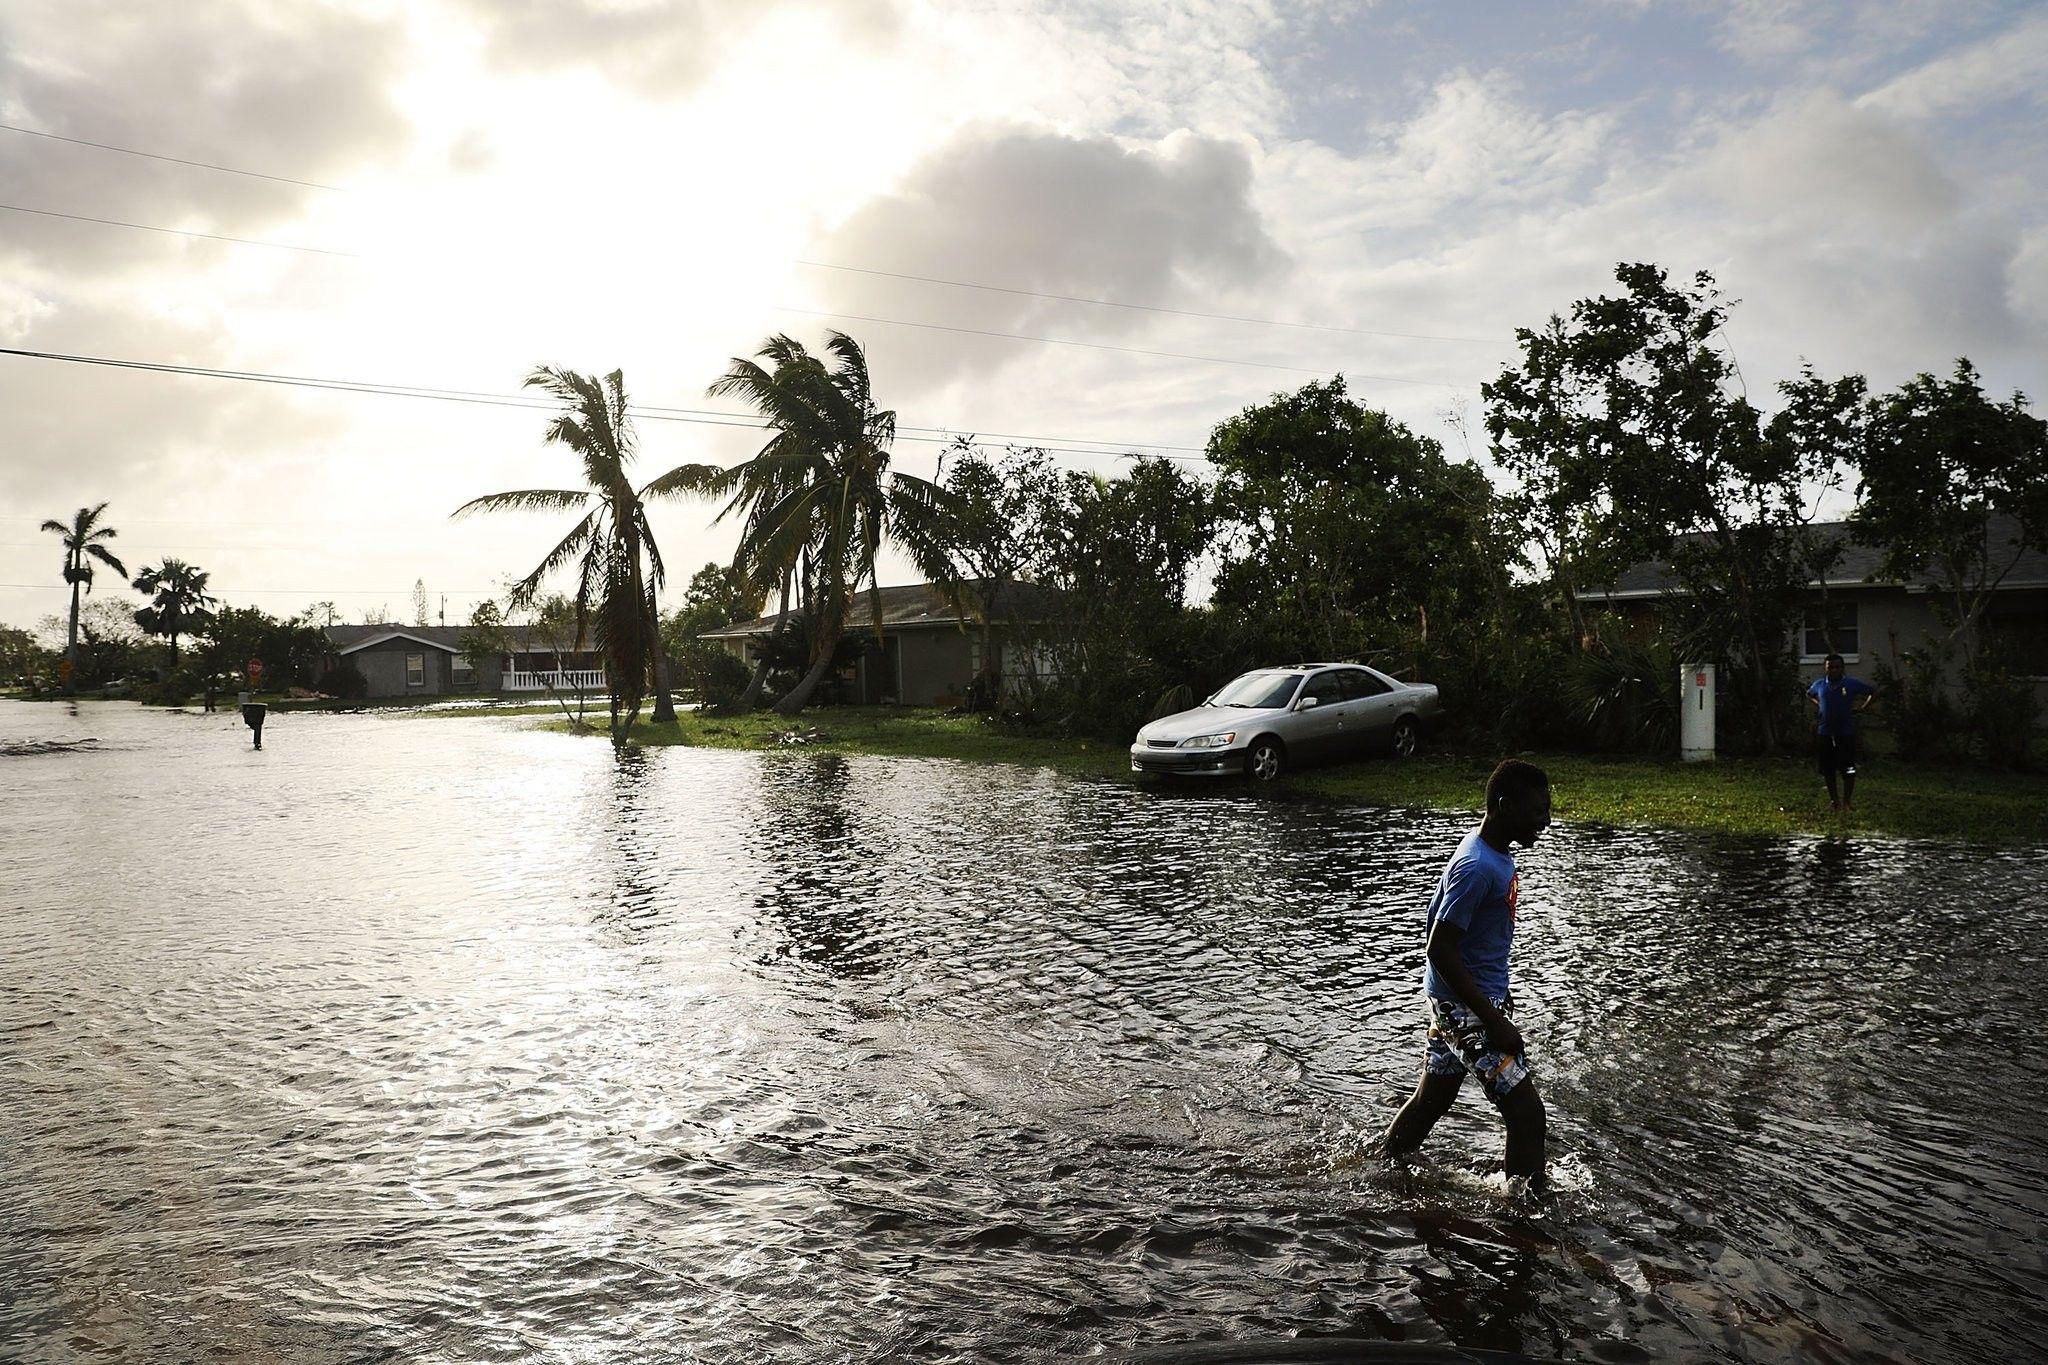 Perubahan Iklim Itu Nyata | garudabag.com